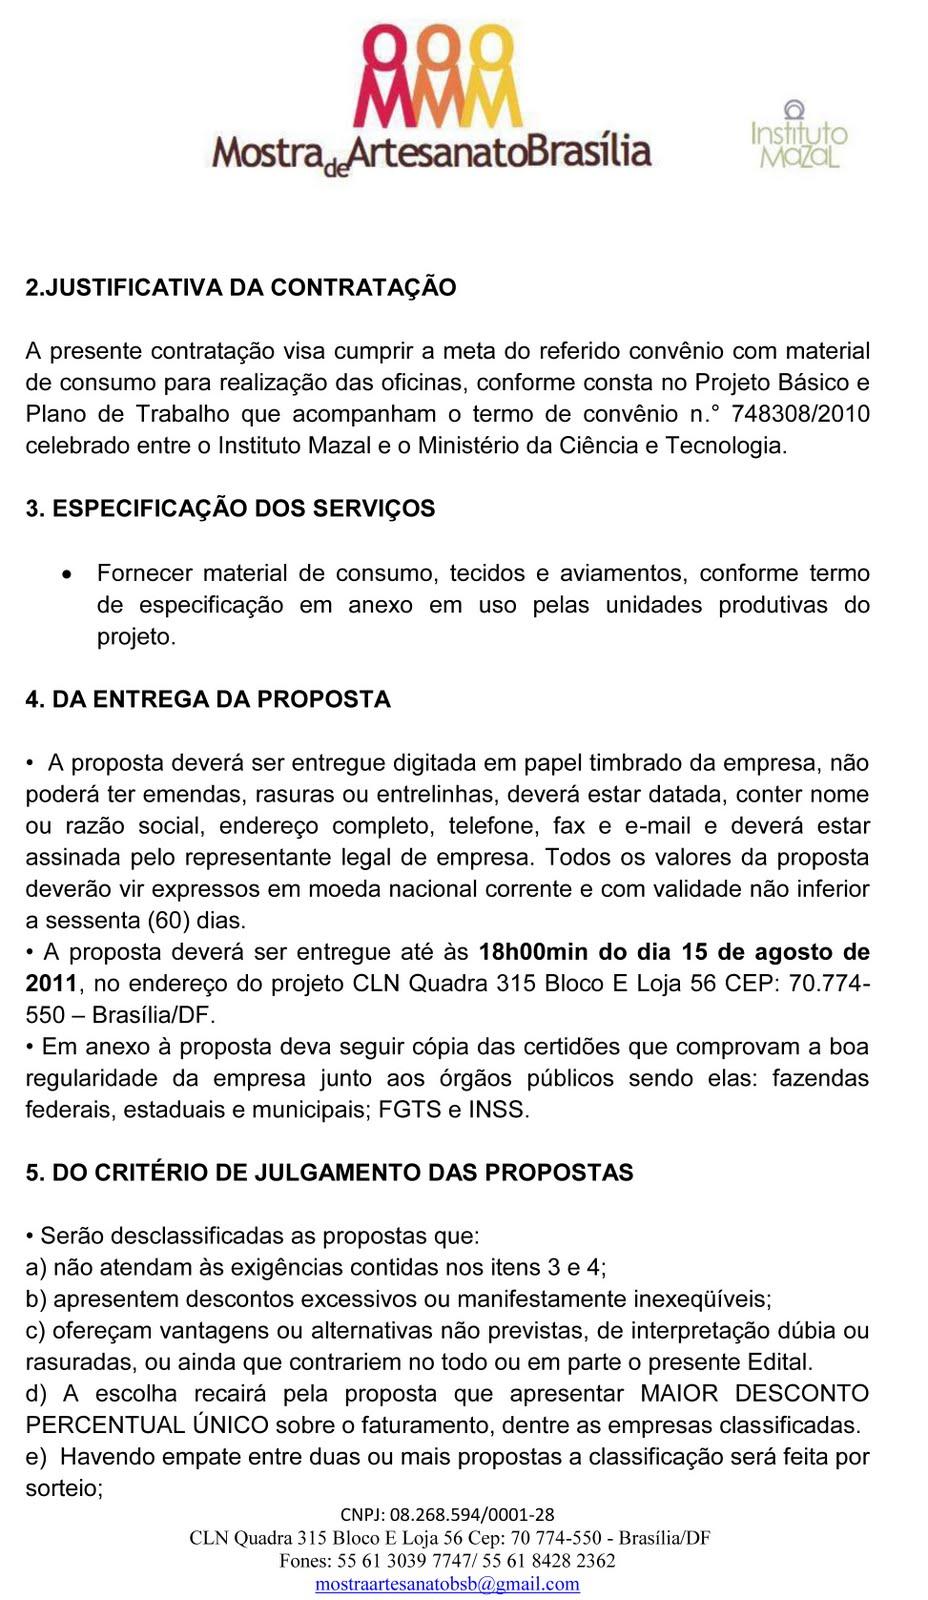 Favoritos Mostra Artesanato Brasília VH49